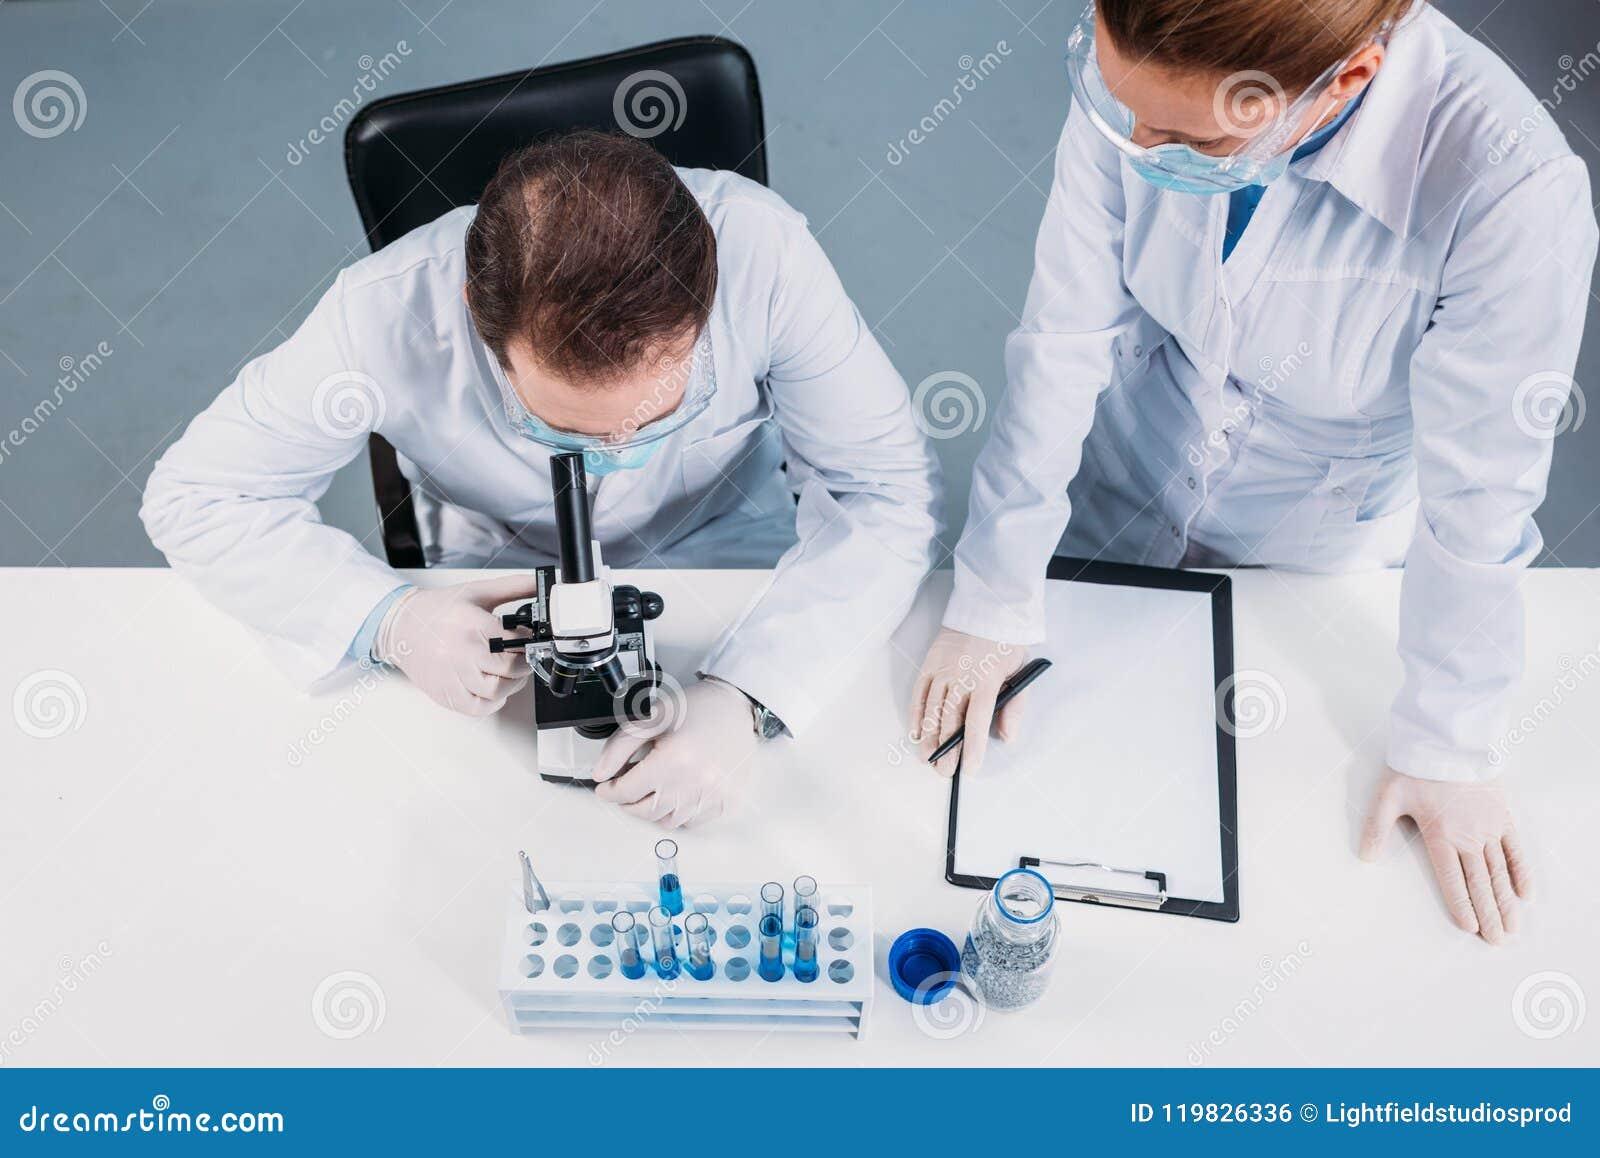 Obenliegende Ansicht von Wissenschaftlern in den medizinischen Masken und von Schutzbrillen, die an wissenschaftlicher Forschung